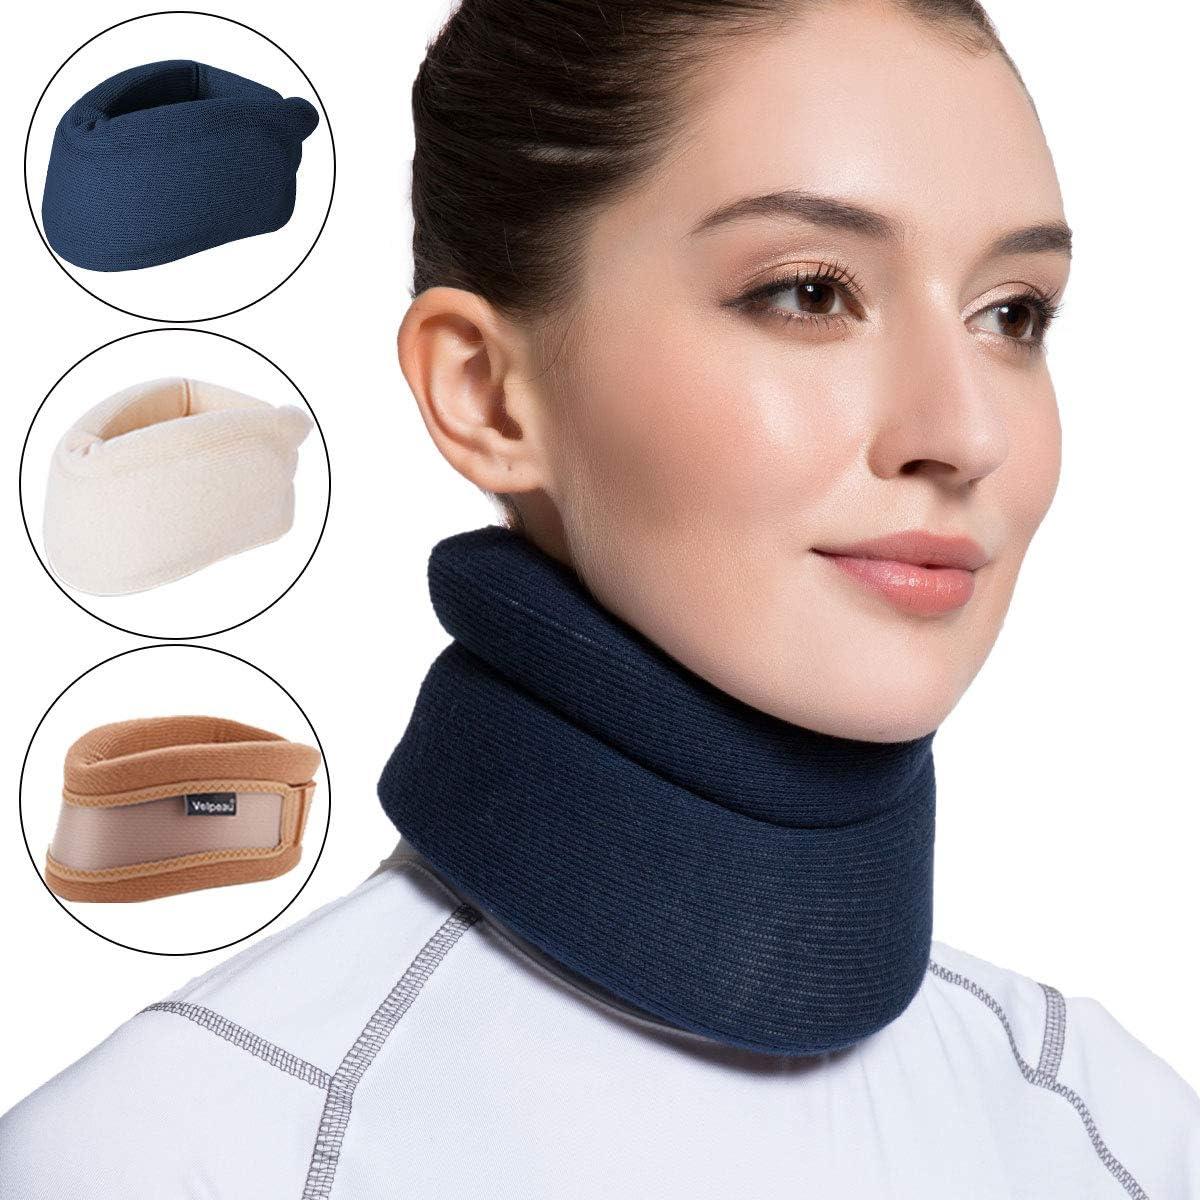 Velpeau - Collarín cervical de espuma para el cuello, suave apoyo para el cuello que alivia el dolor y la presión en la columna vertebral, se puede utilizar durante el sueño